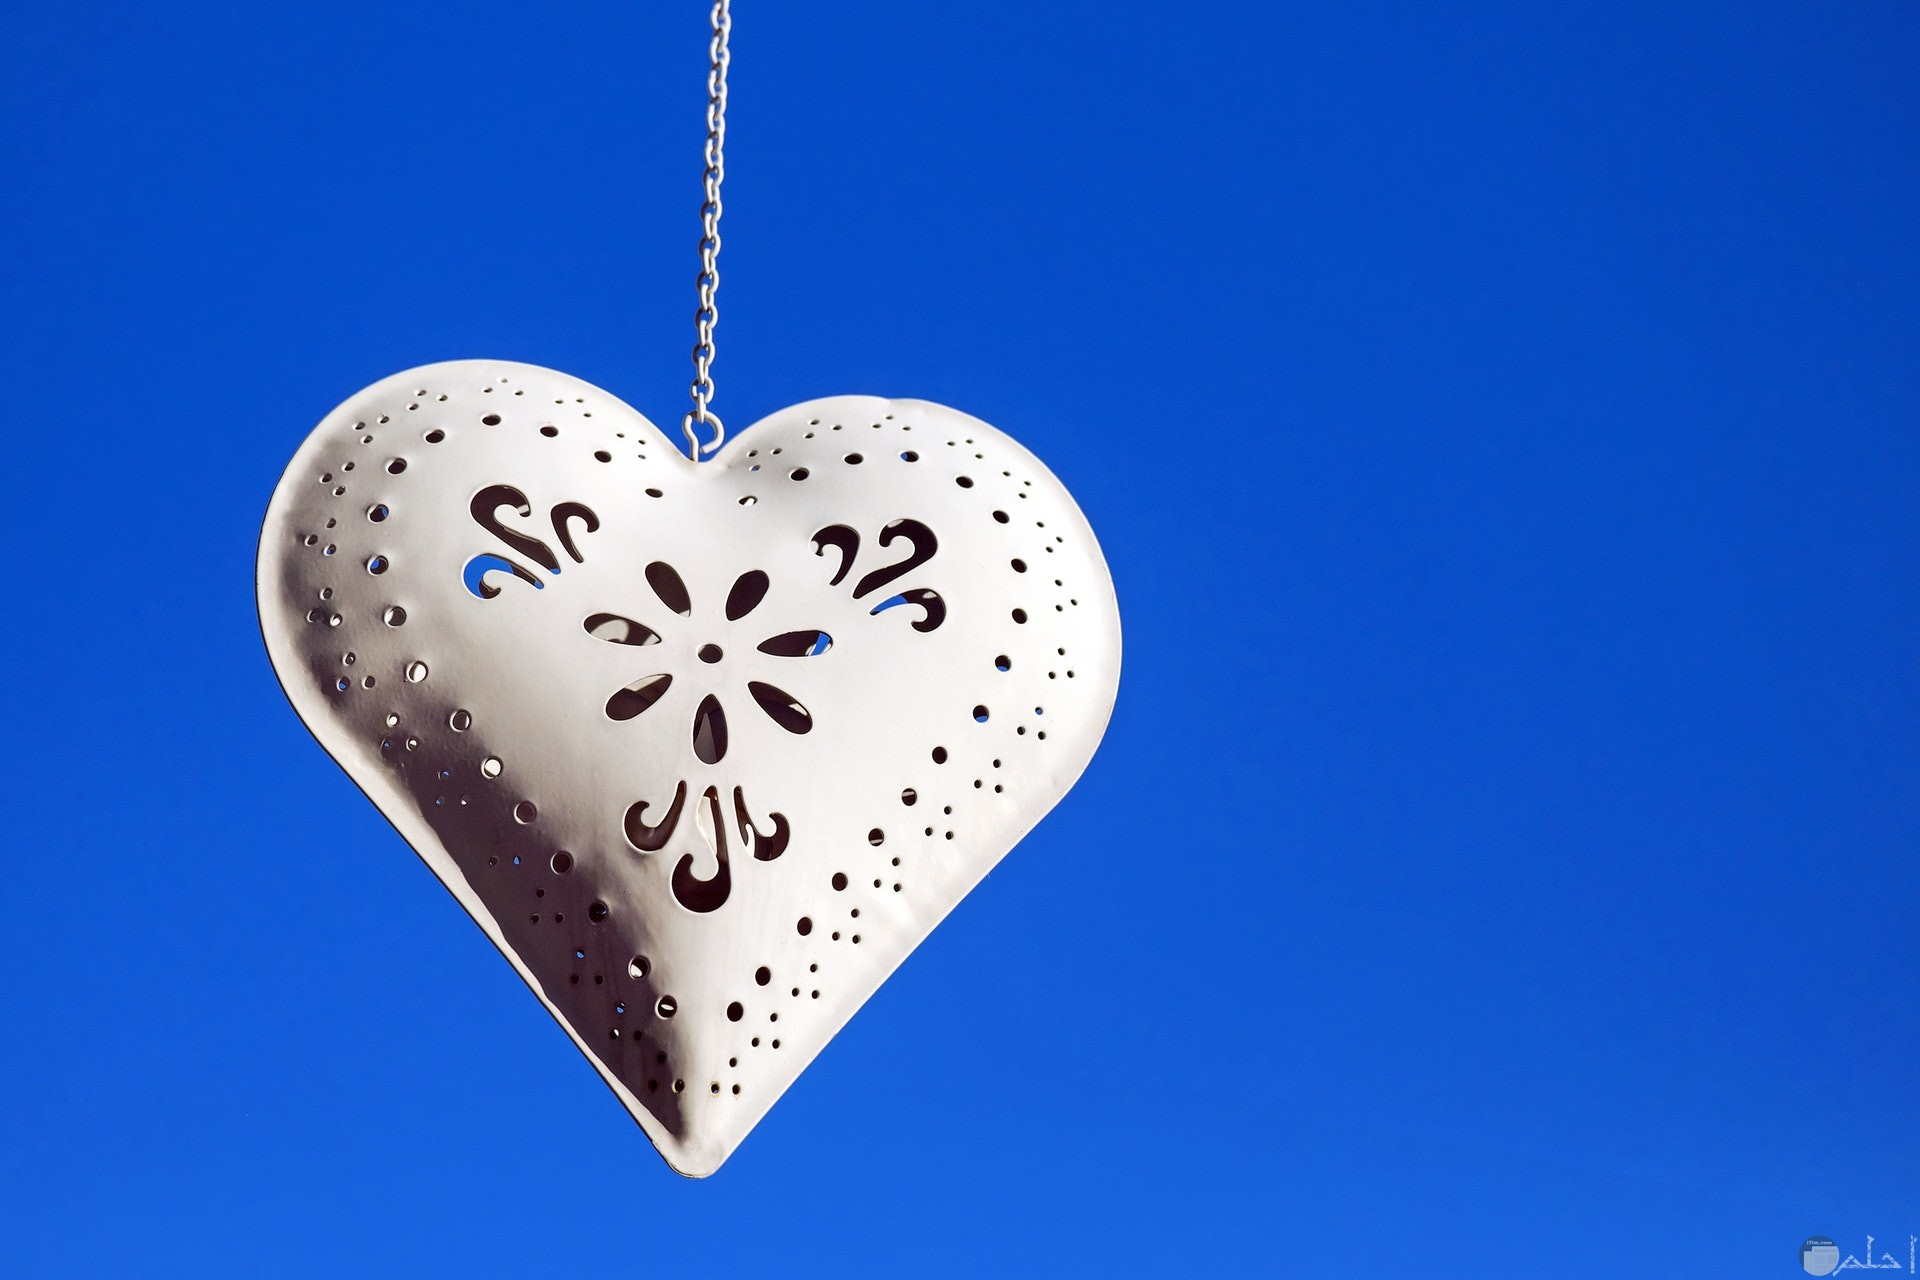 صورة جميلة لسلسلة علي شكل قلب أبيض مع خلفية زرقاء